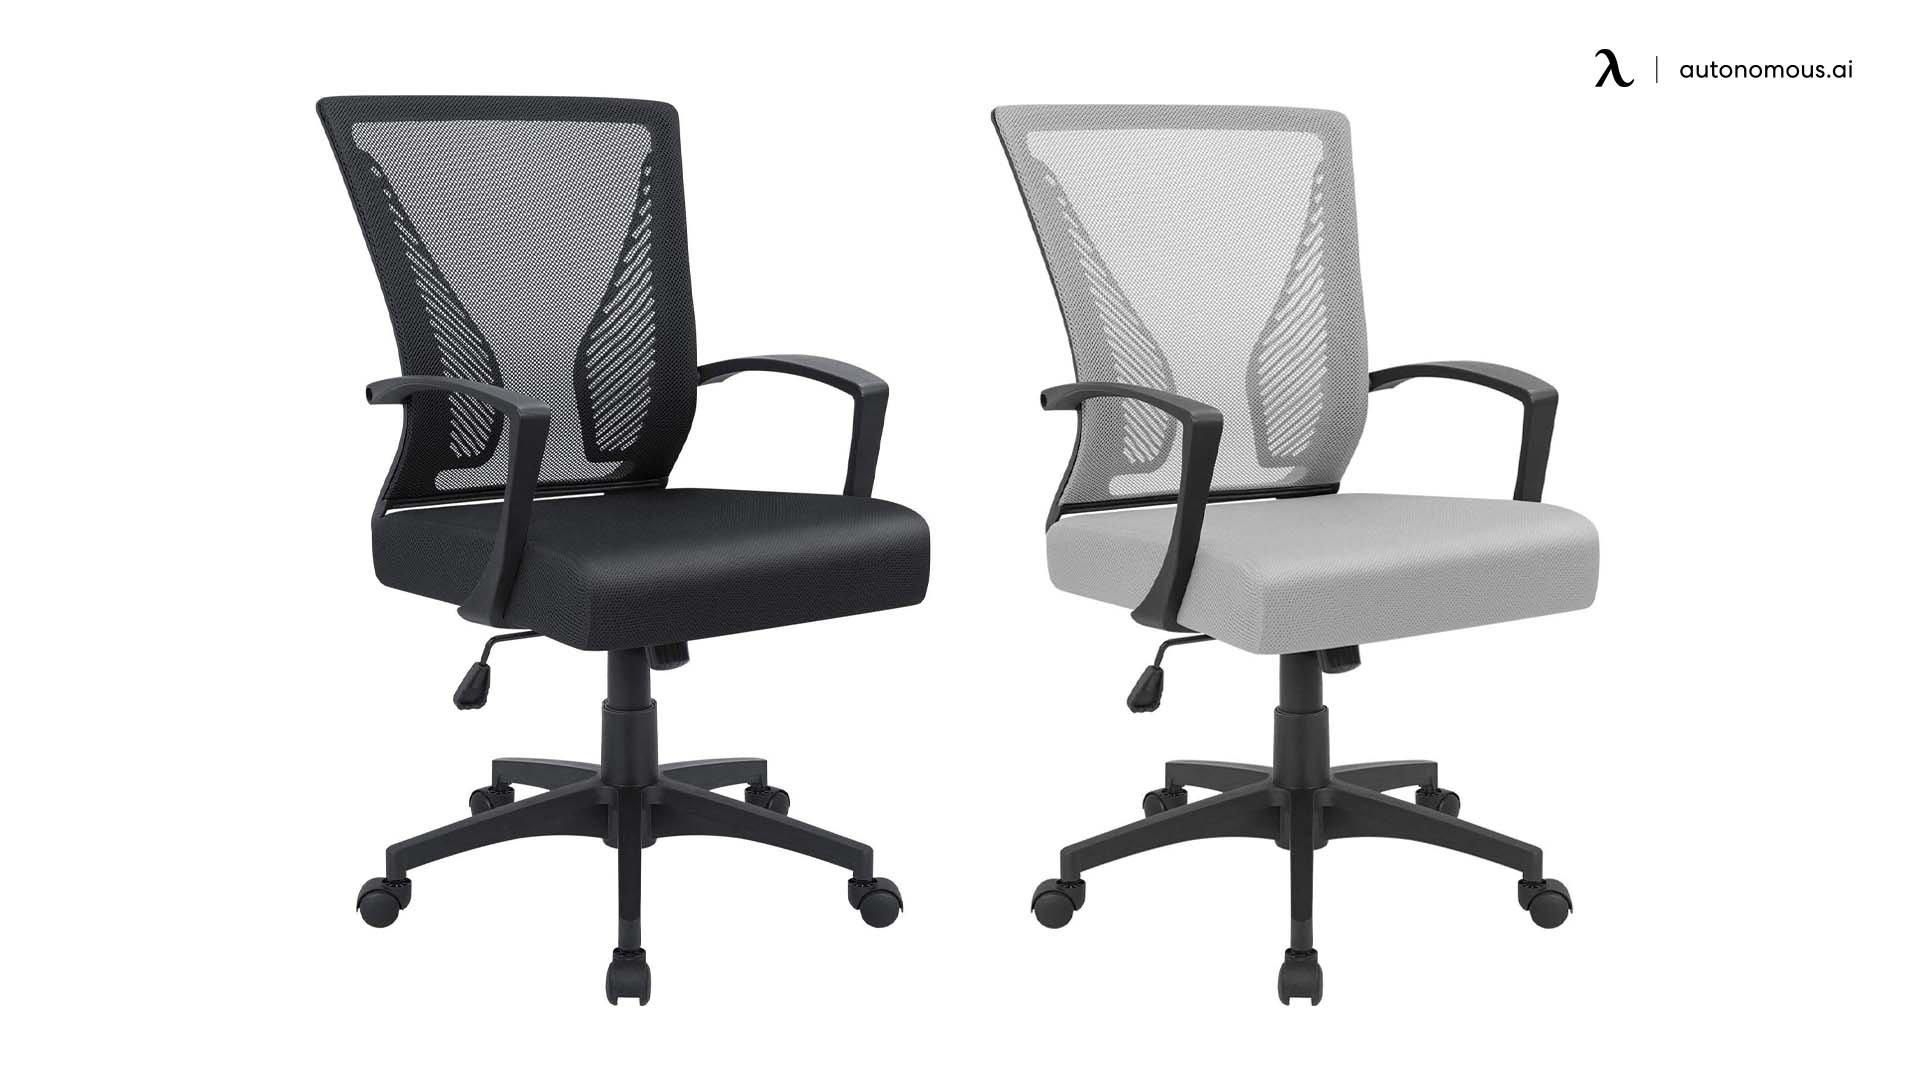 furmax office mid black chair